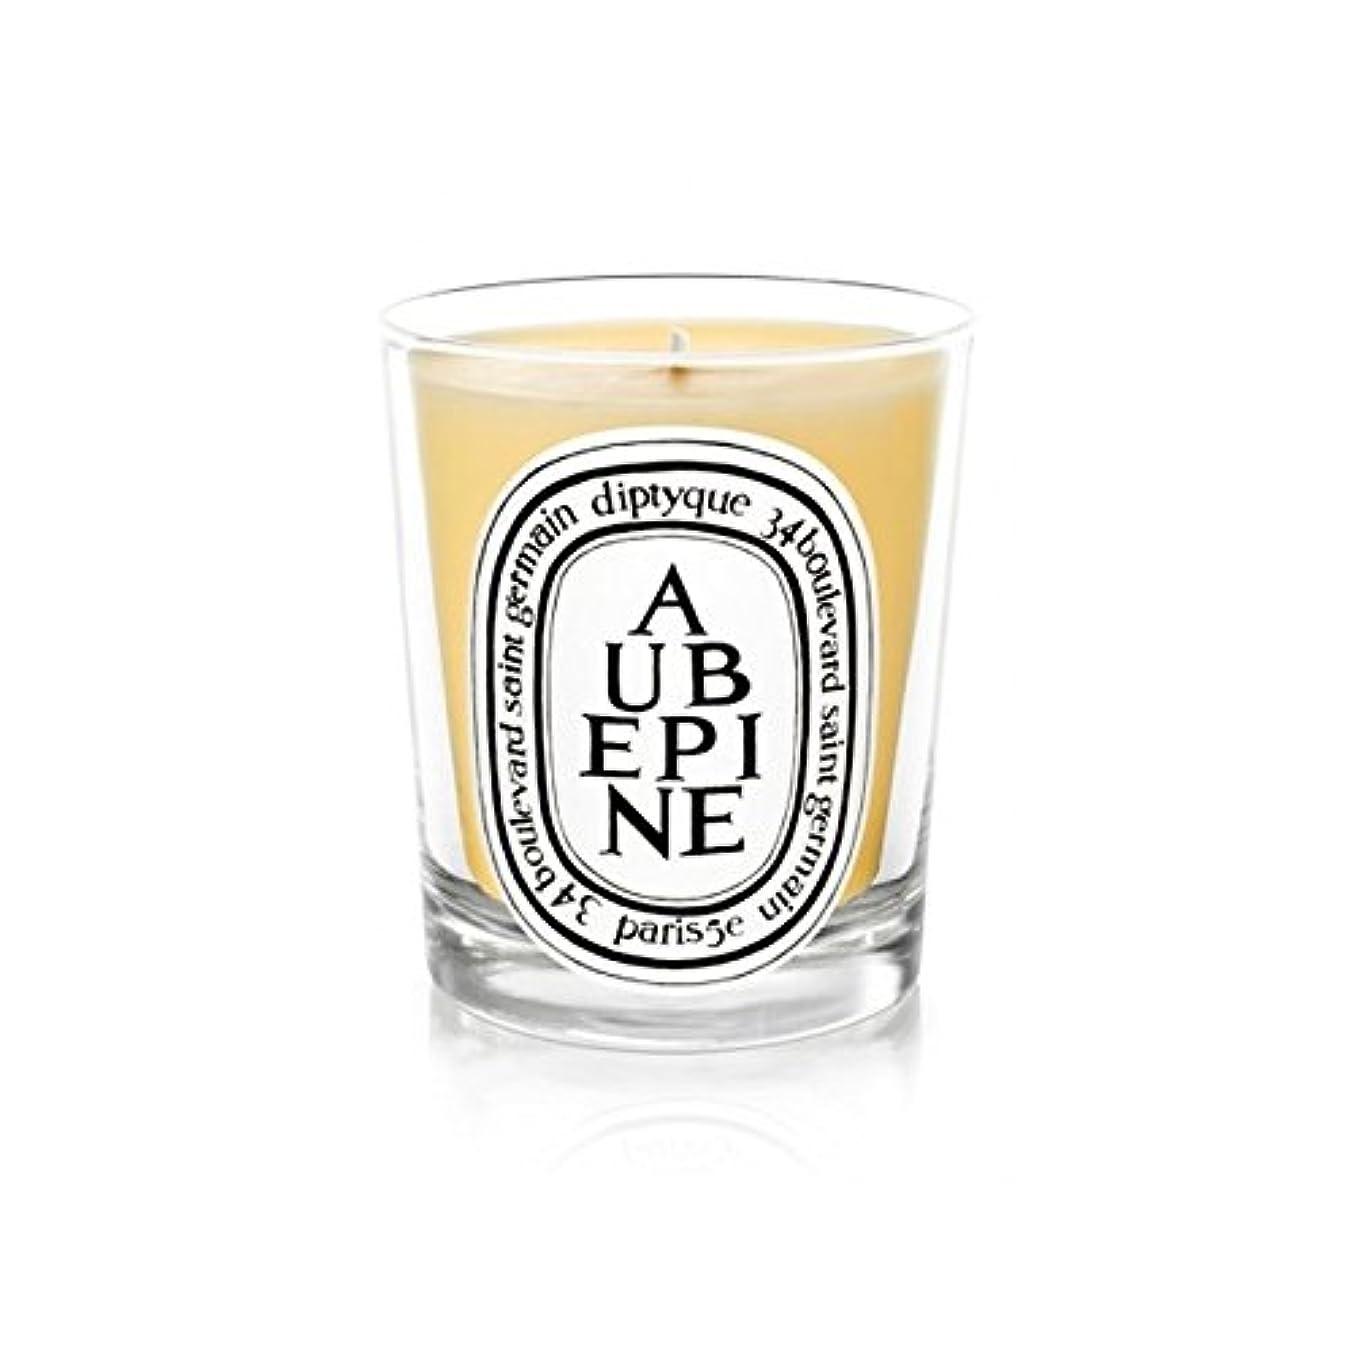 きらきら使用法司教Diptyque Candle Aub?pine / Hawthorn 190g (Pack of 6) - DiptyqueキャンドルAub?pine/サンザシ190グラム (x6) [並行輸入品]